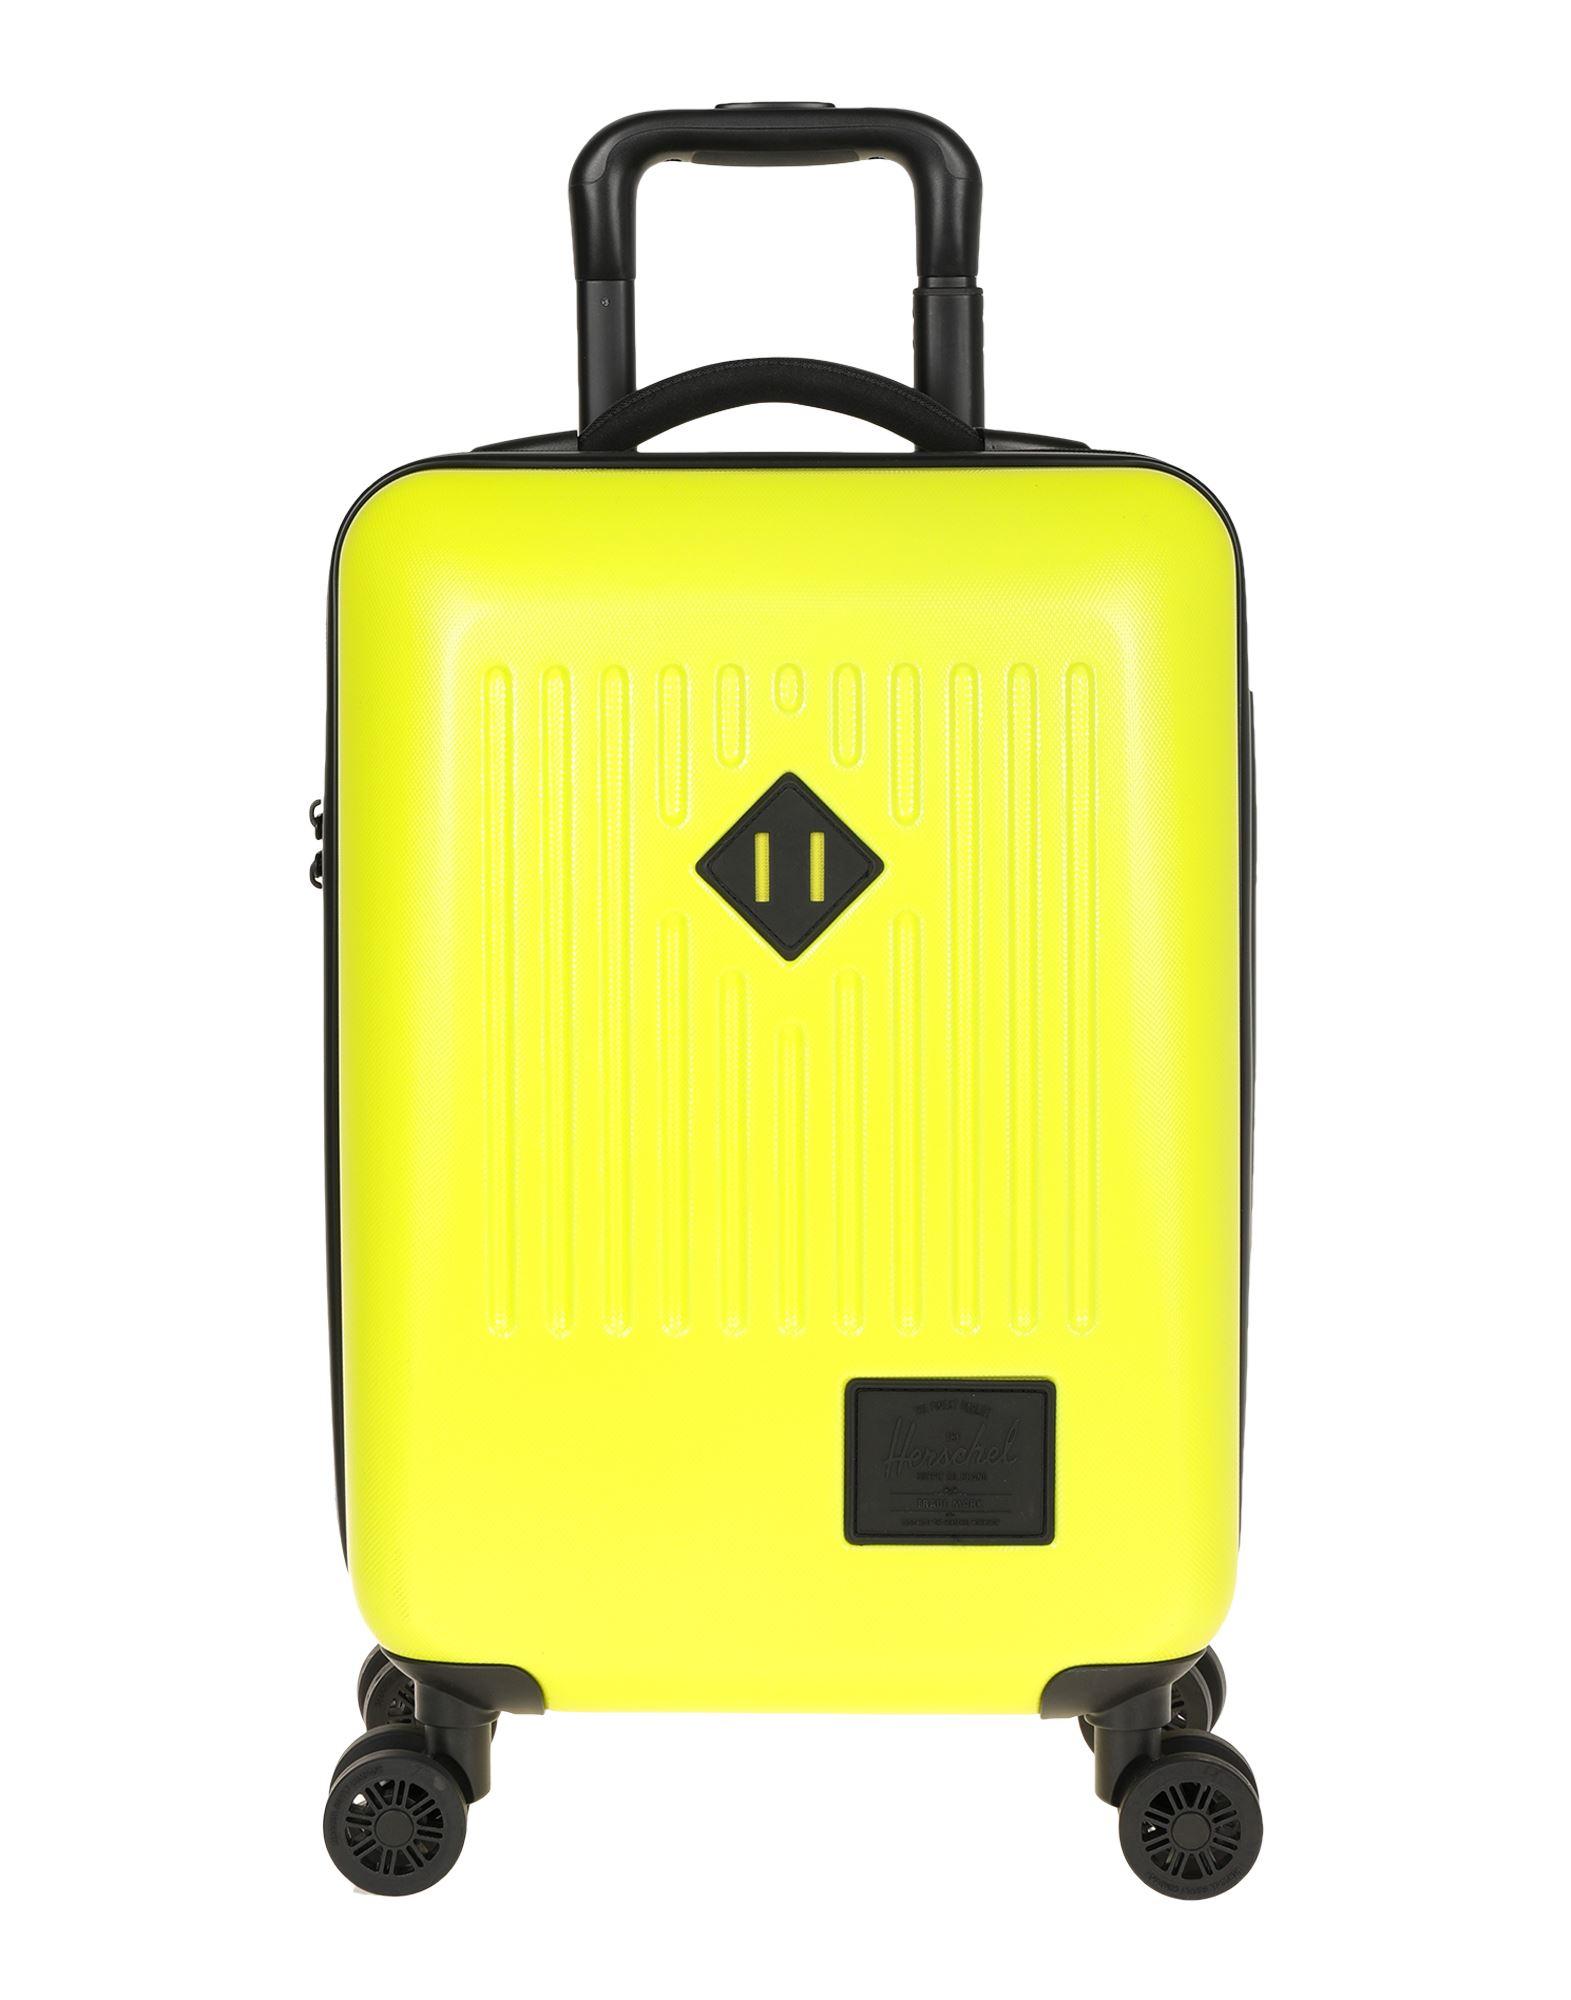 《セール開催中》HERSCHEL SUPPLY CO. Unisex キャスター付きバッグ イエロー ポリカーボネート / ABS樹脂